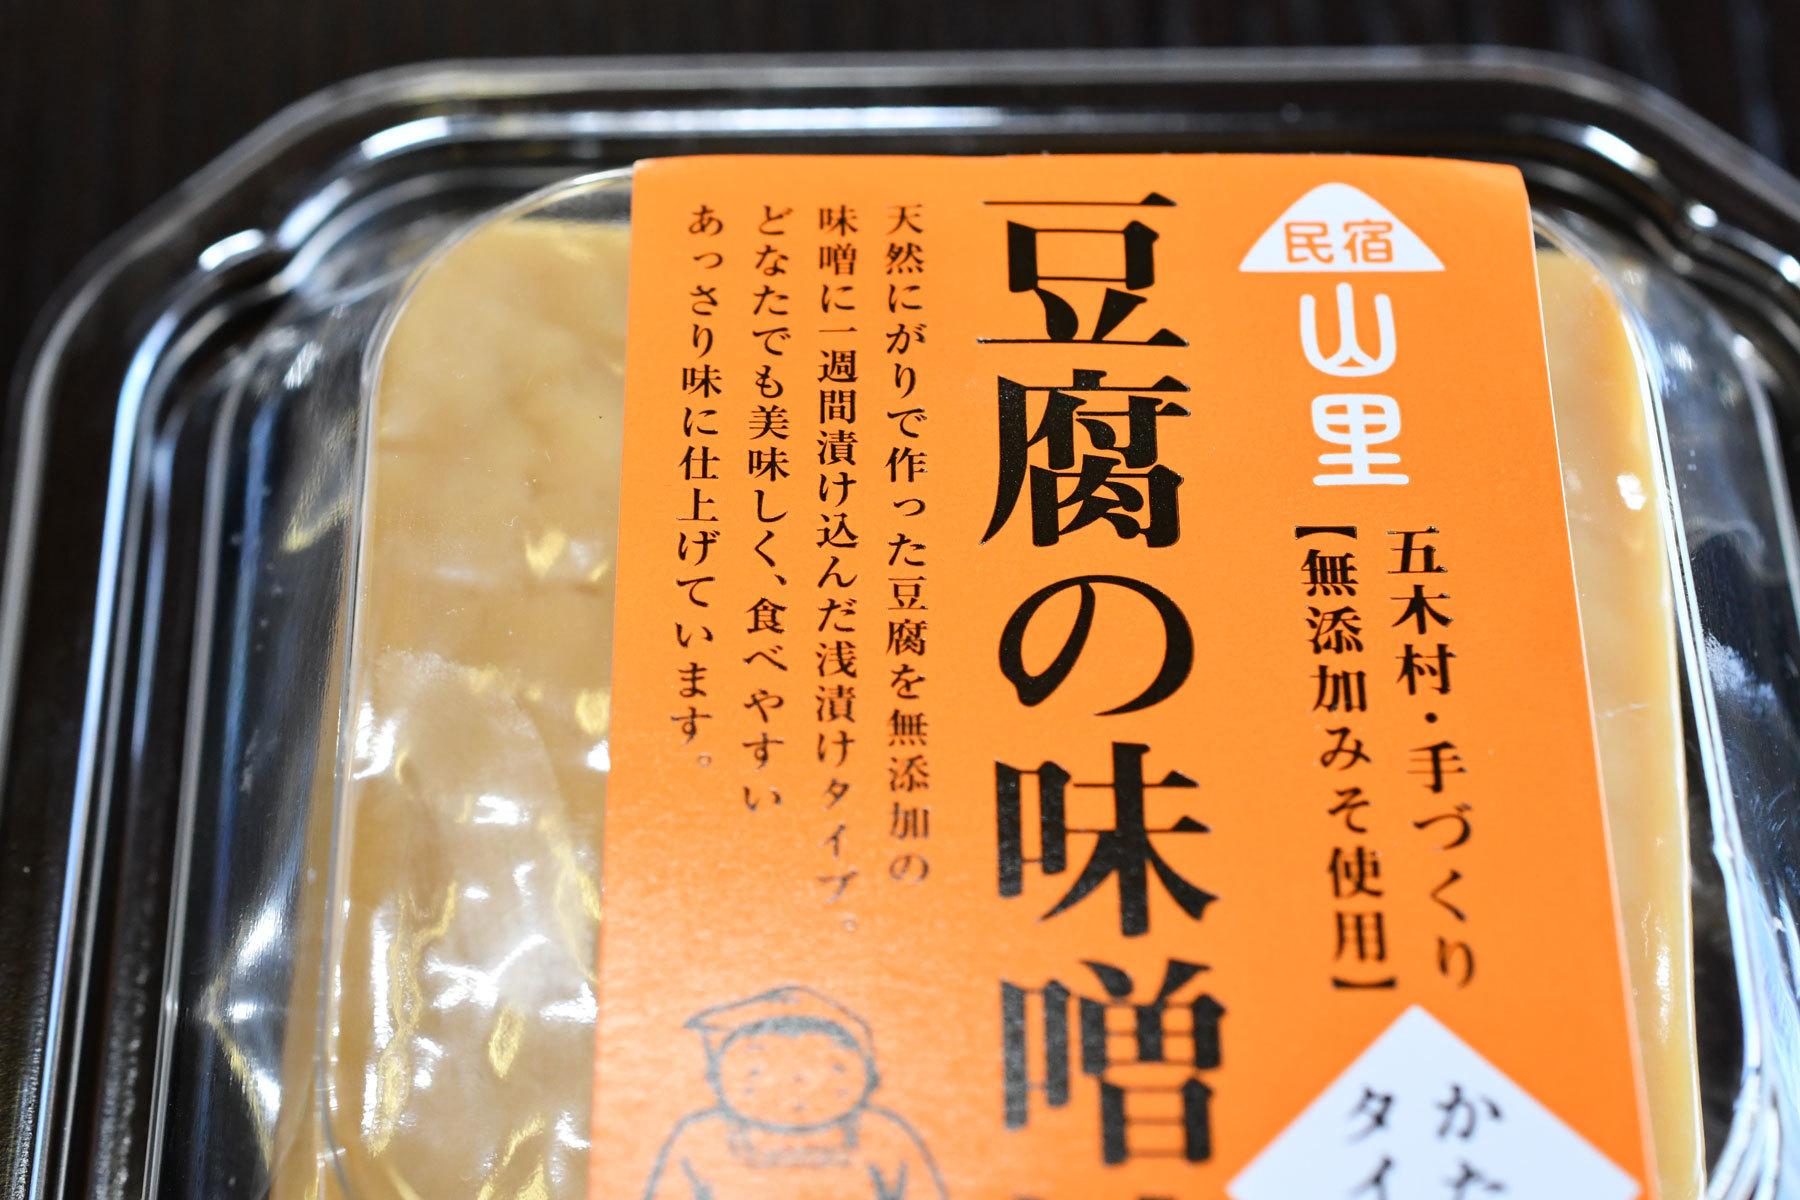 豆腐の味噌漬け - 画像4